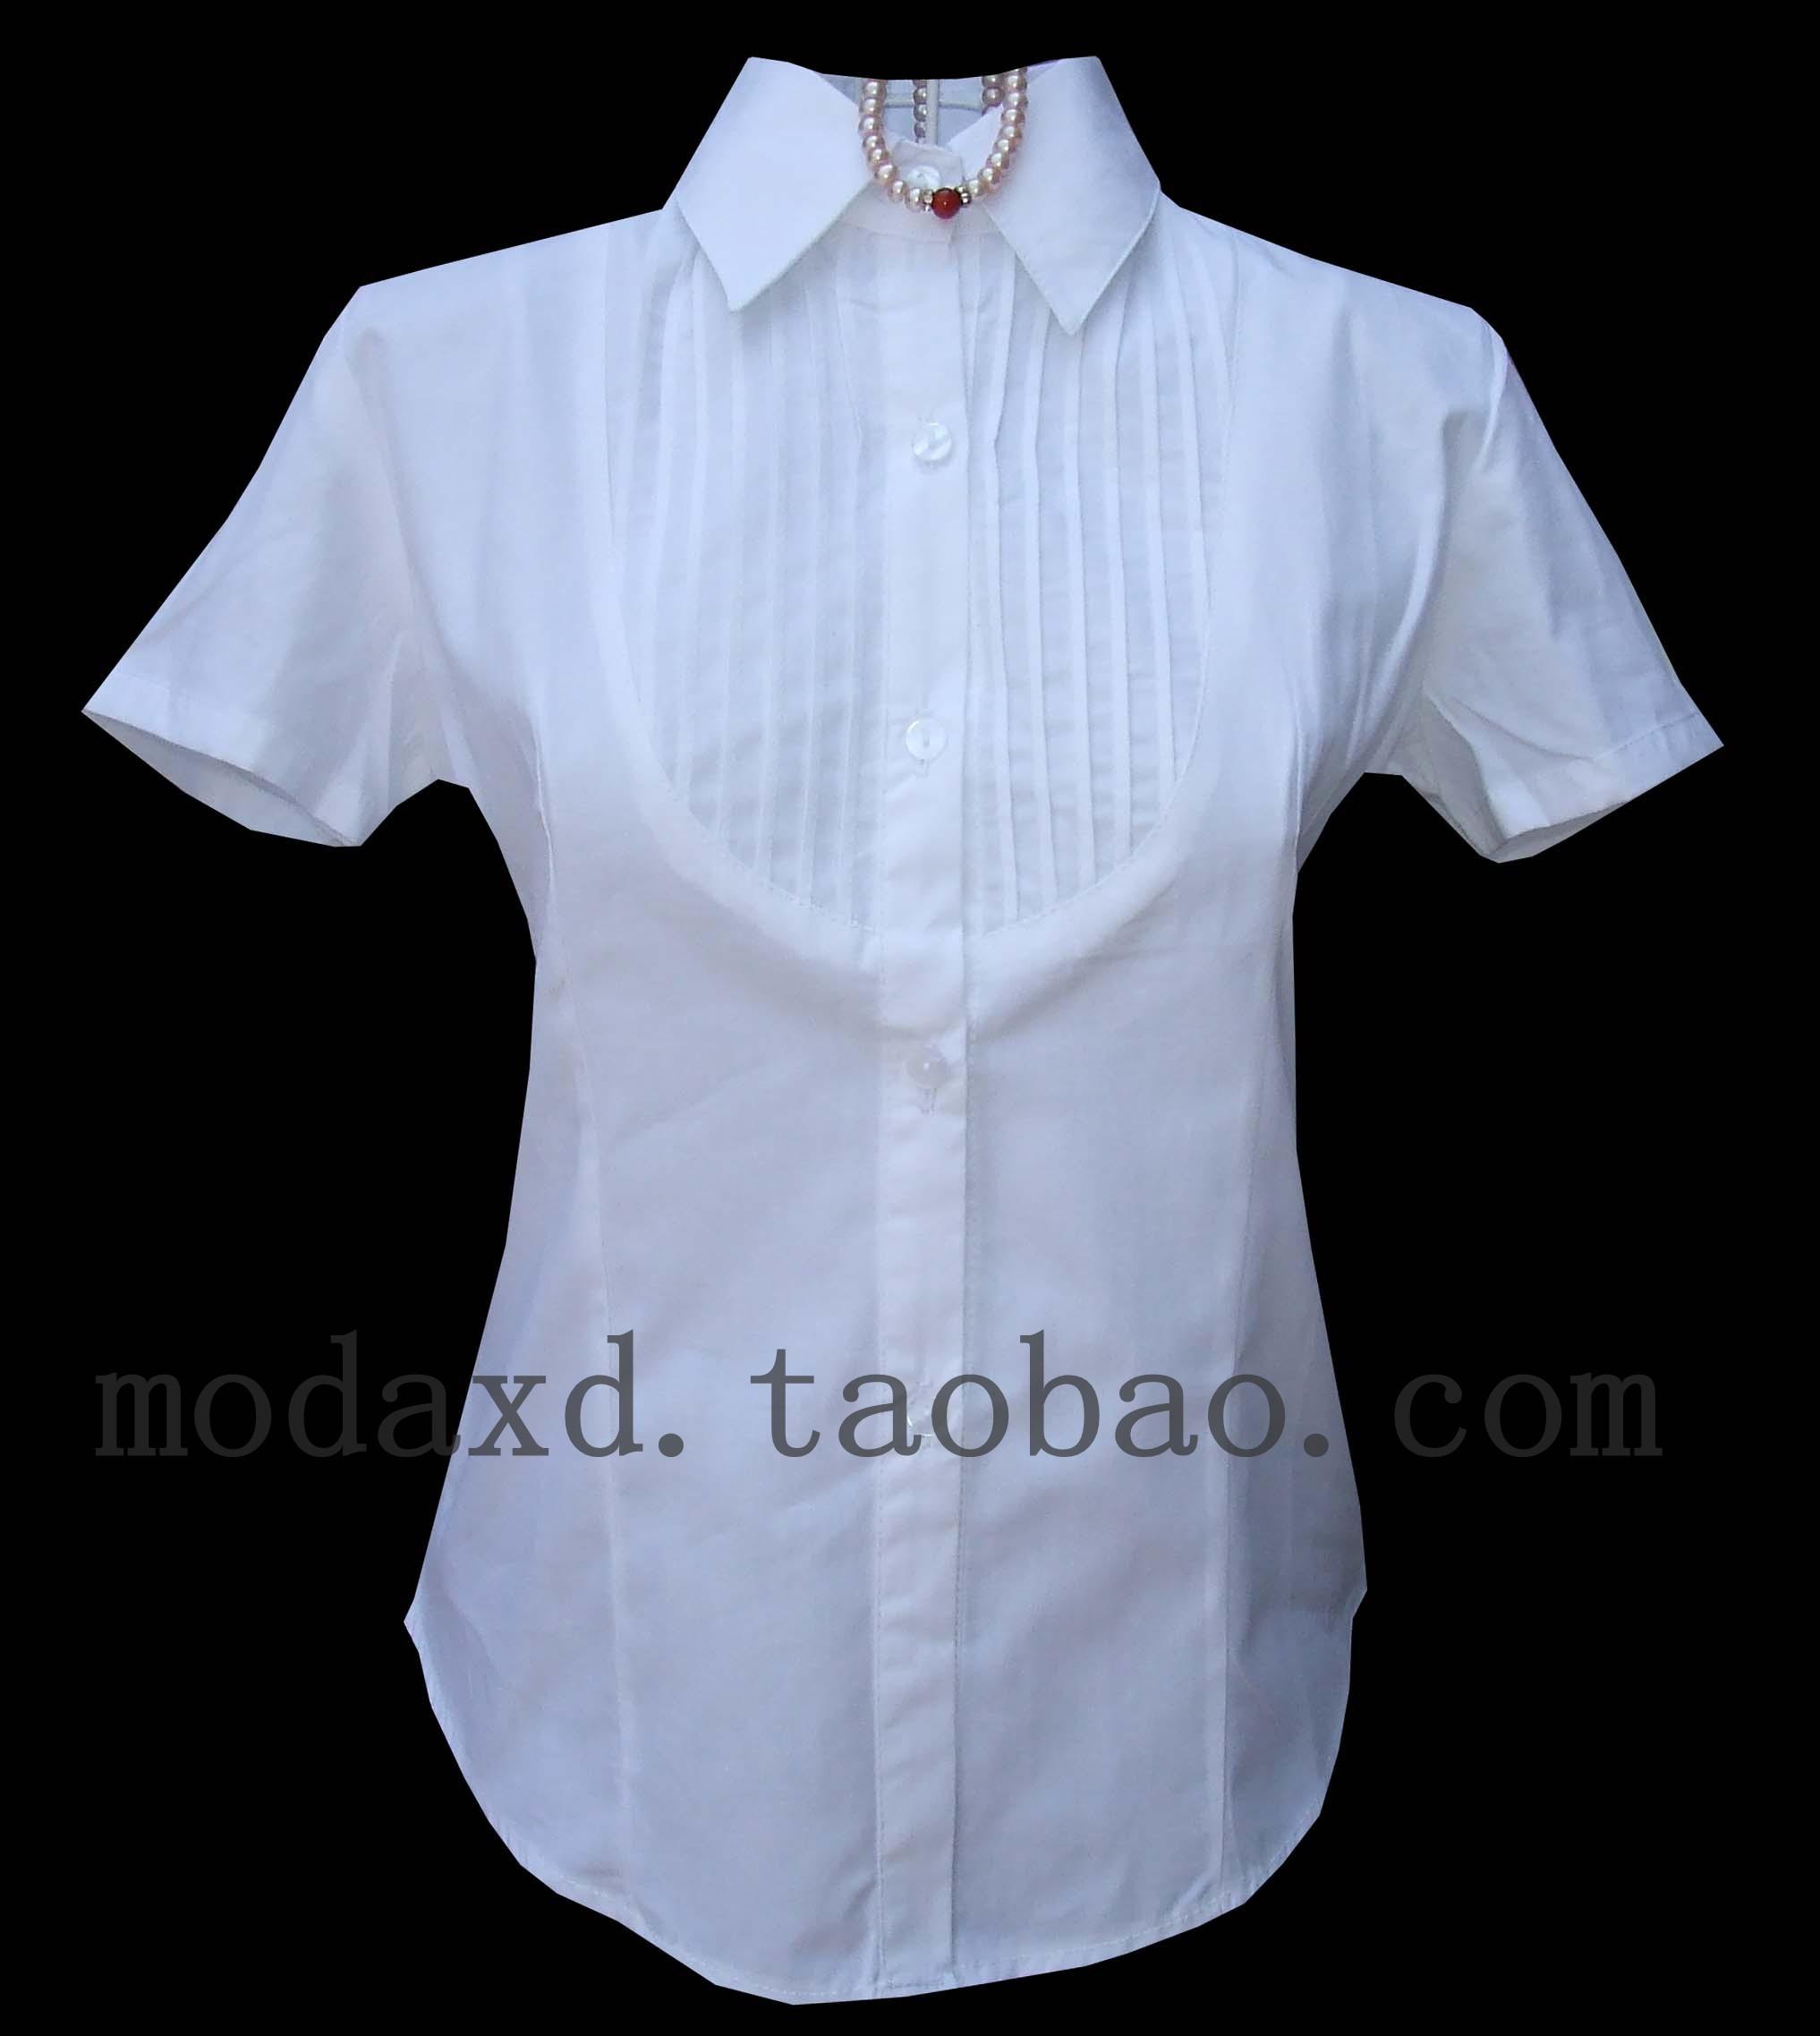 женская рубашка OTHER 2013 OL Повседневный Короткий рукав